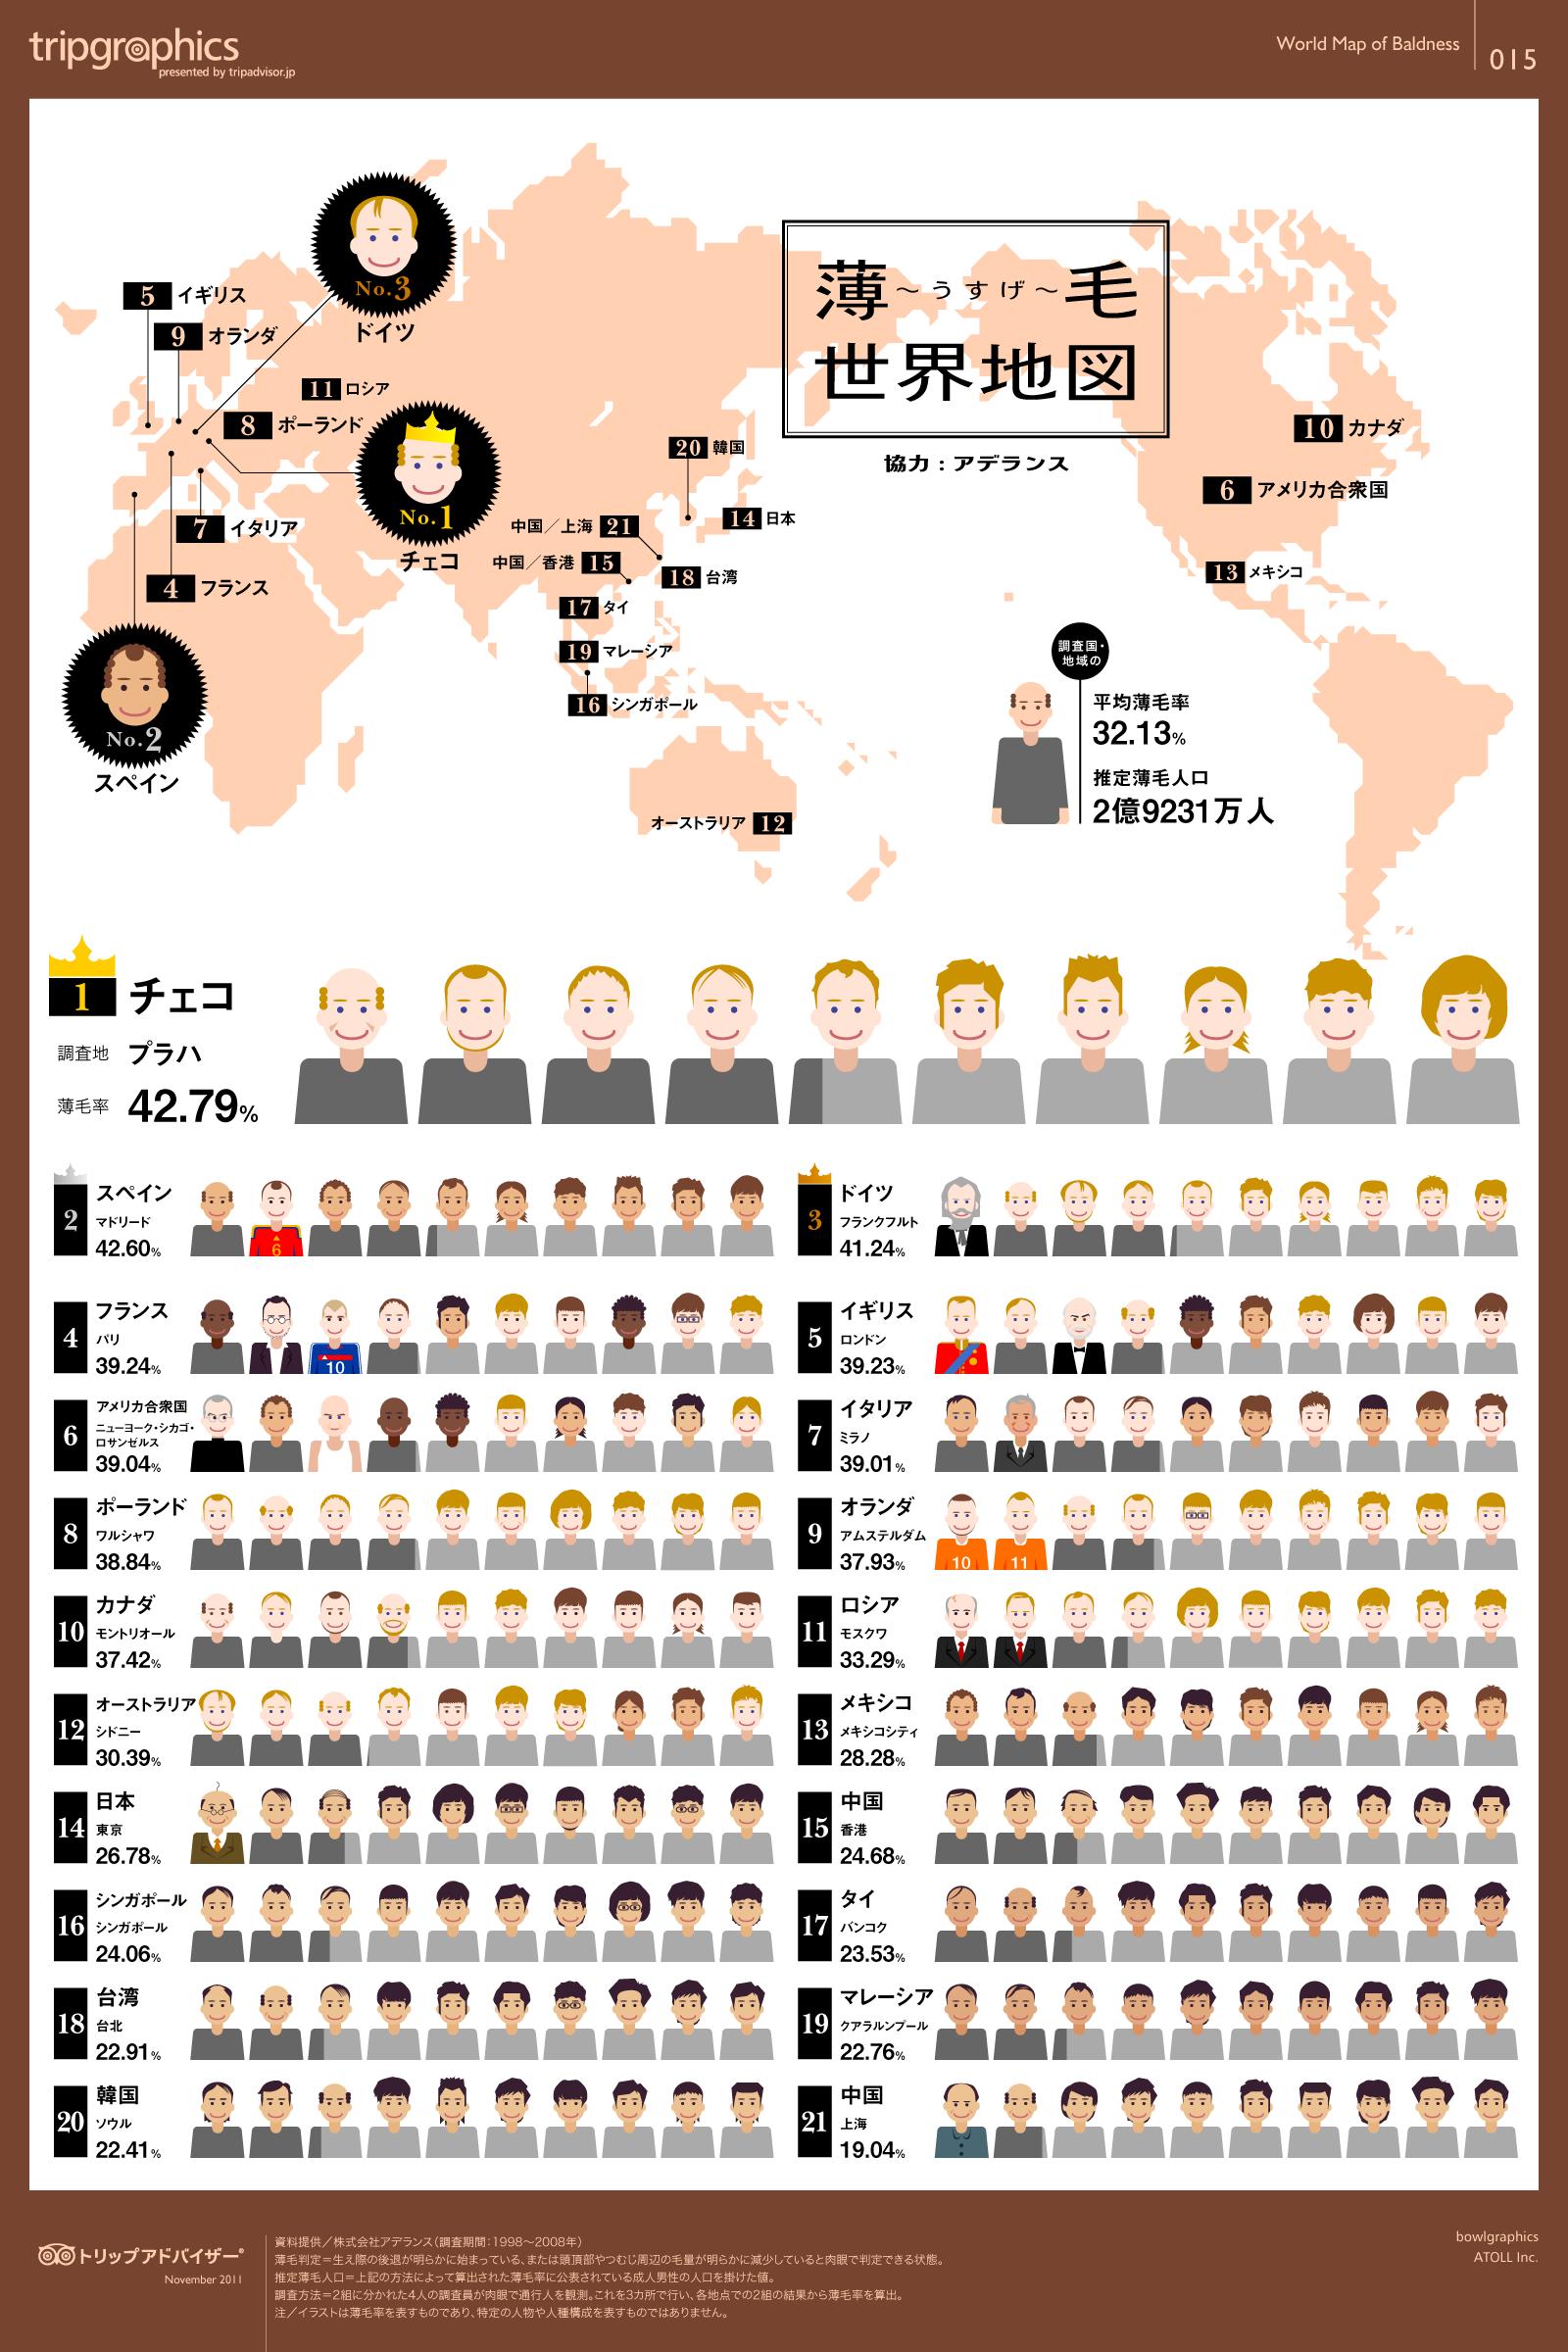 インフォグラフィック:薄毛対策は食べ物で改善。世界の成人男性薄毛率と日本を比較